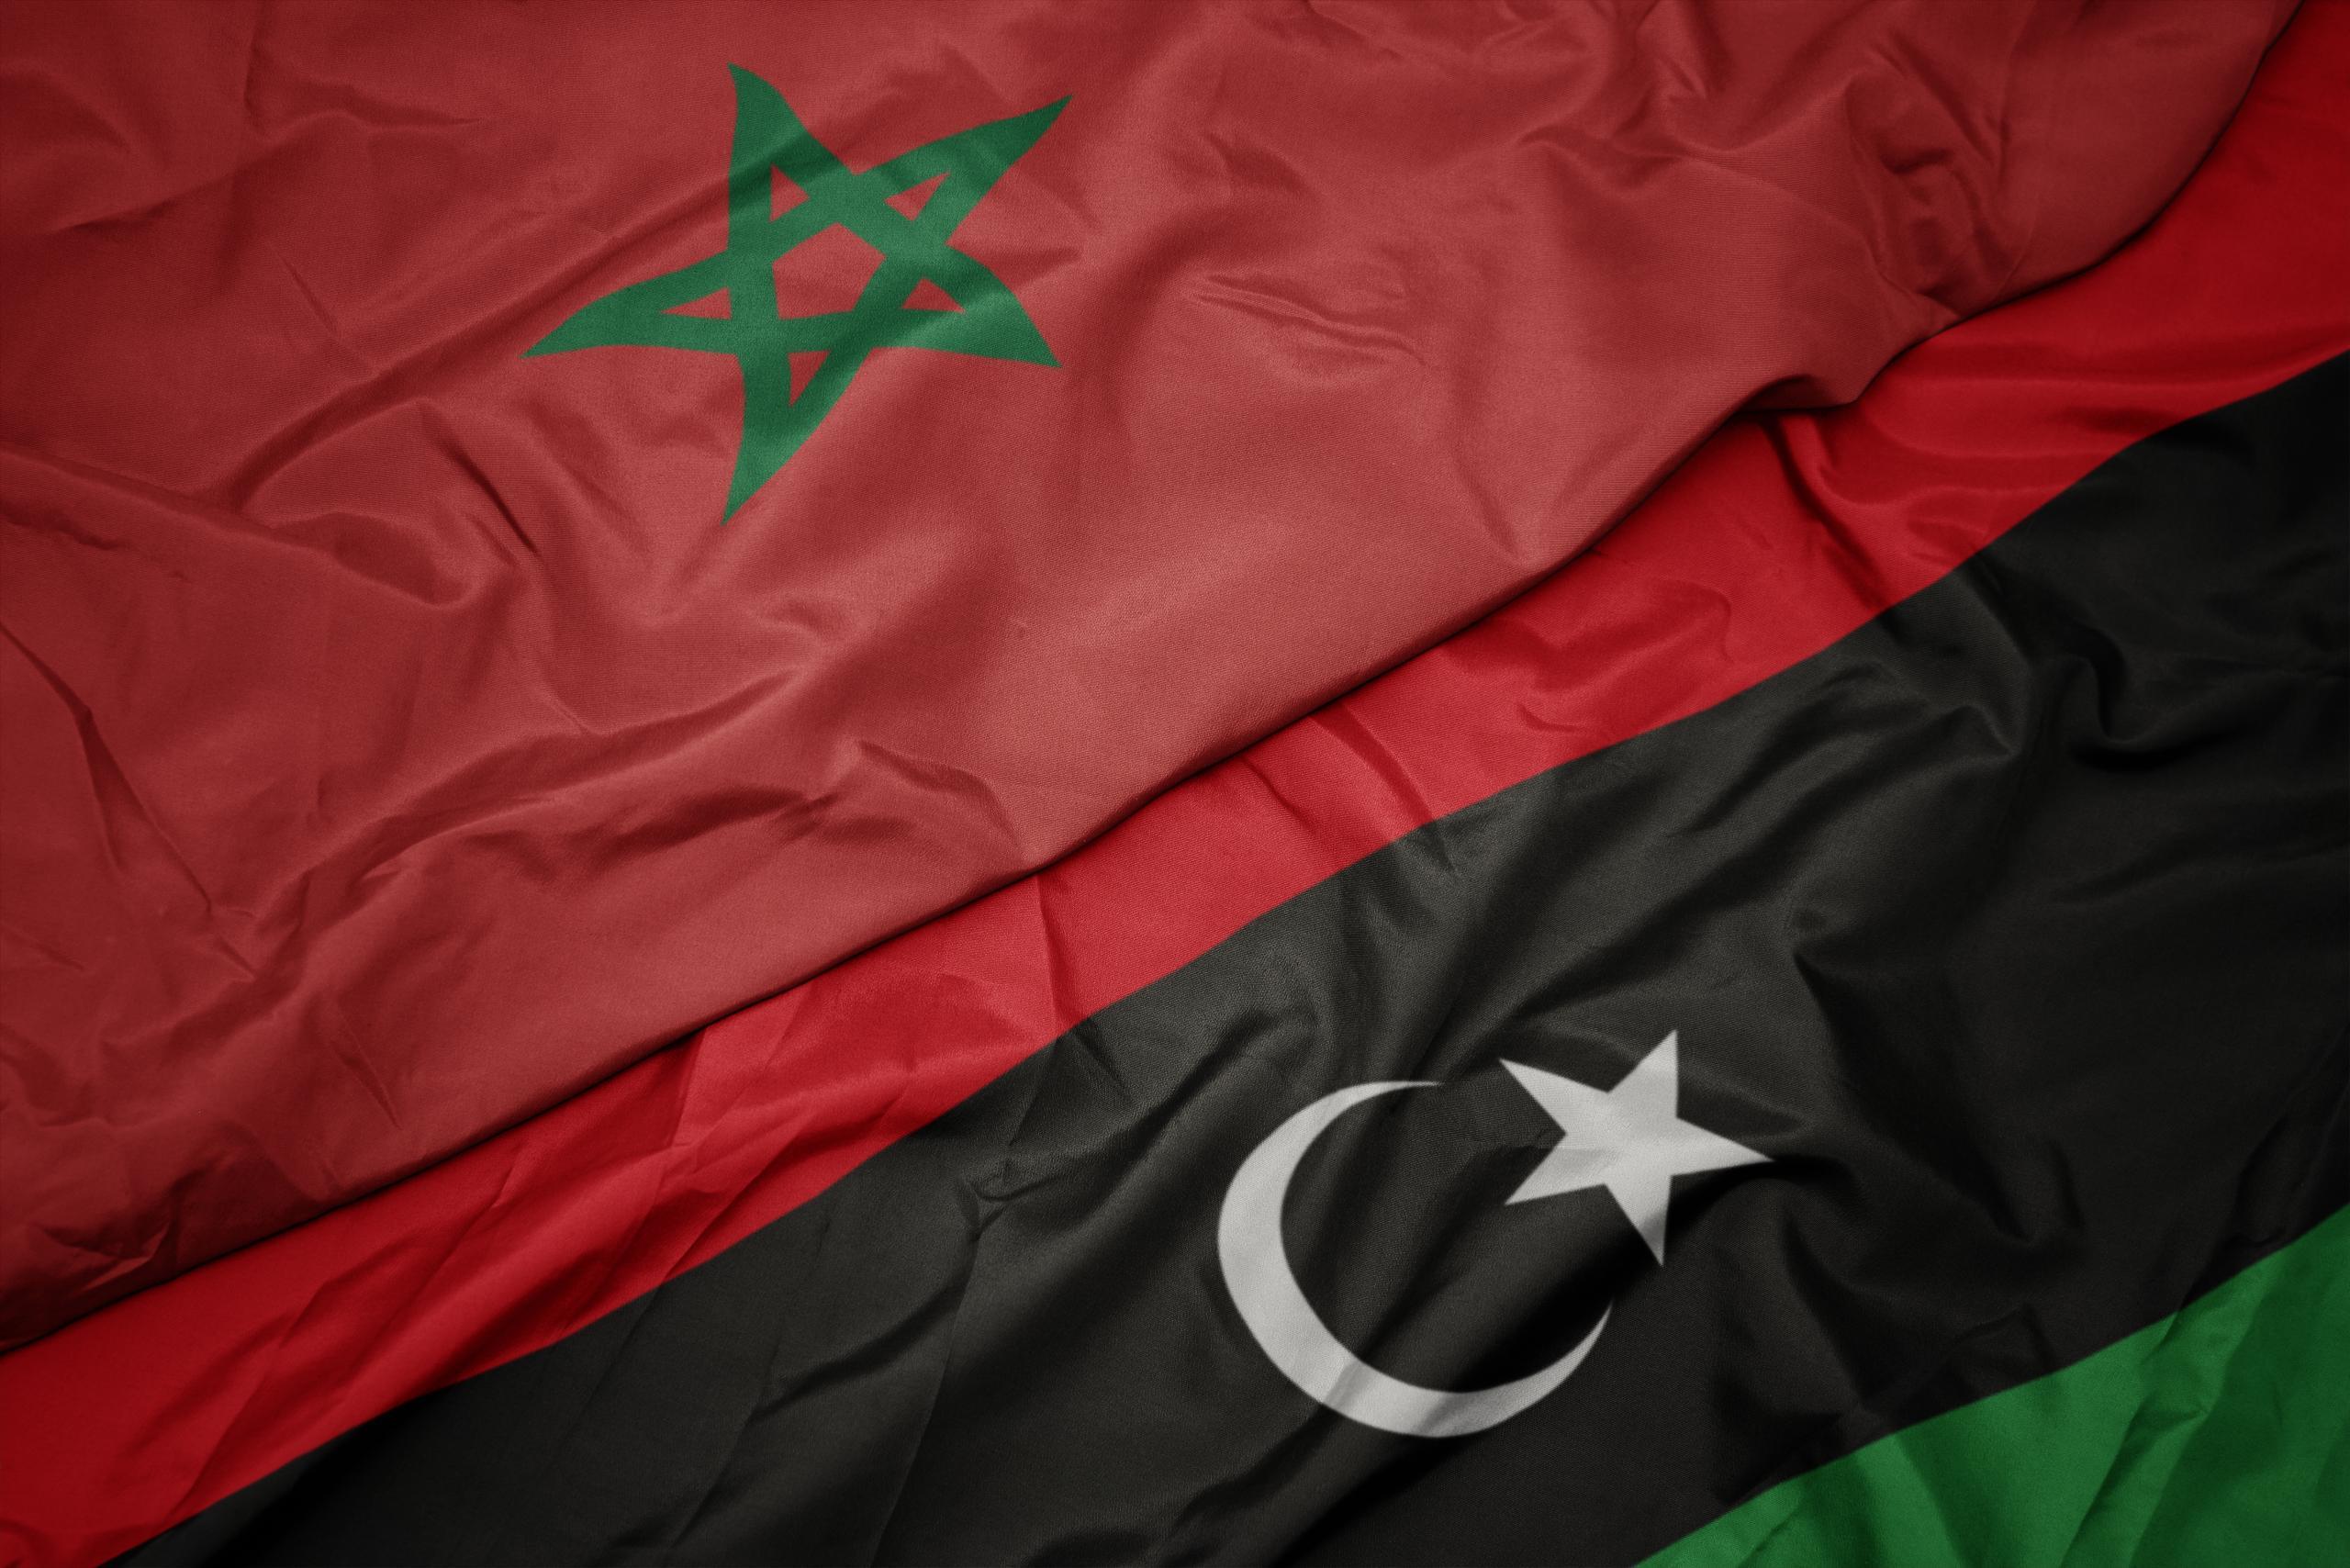 الحوار الليبي.. تعرّف على ما سيتم مناقشته في جلسة المغرب